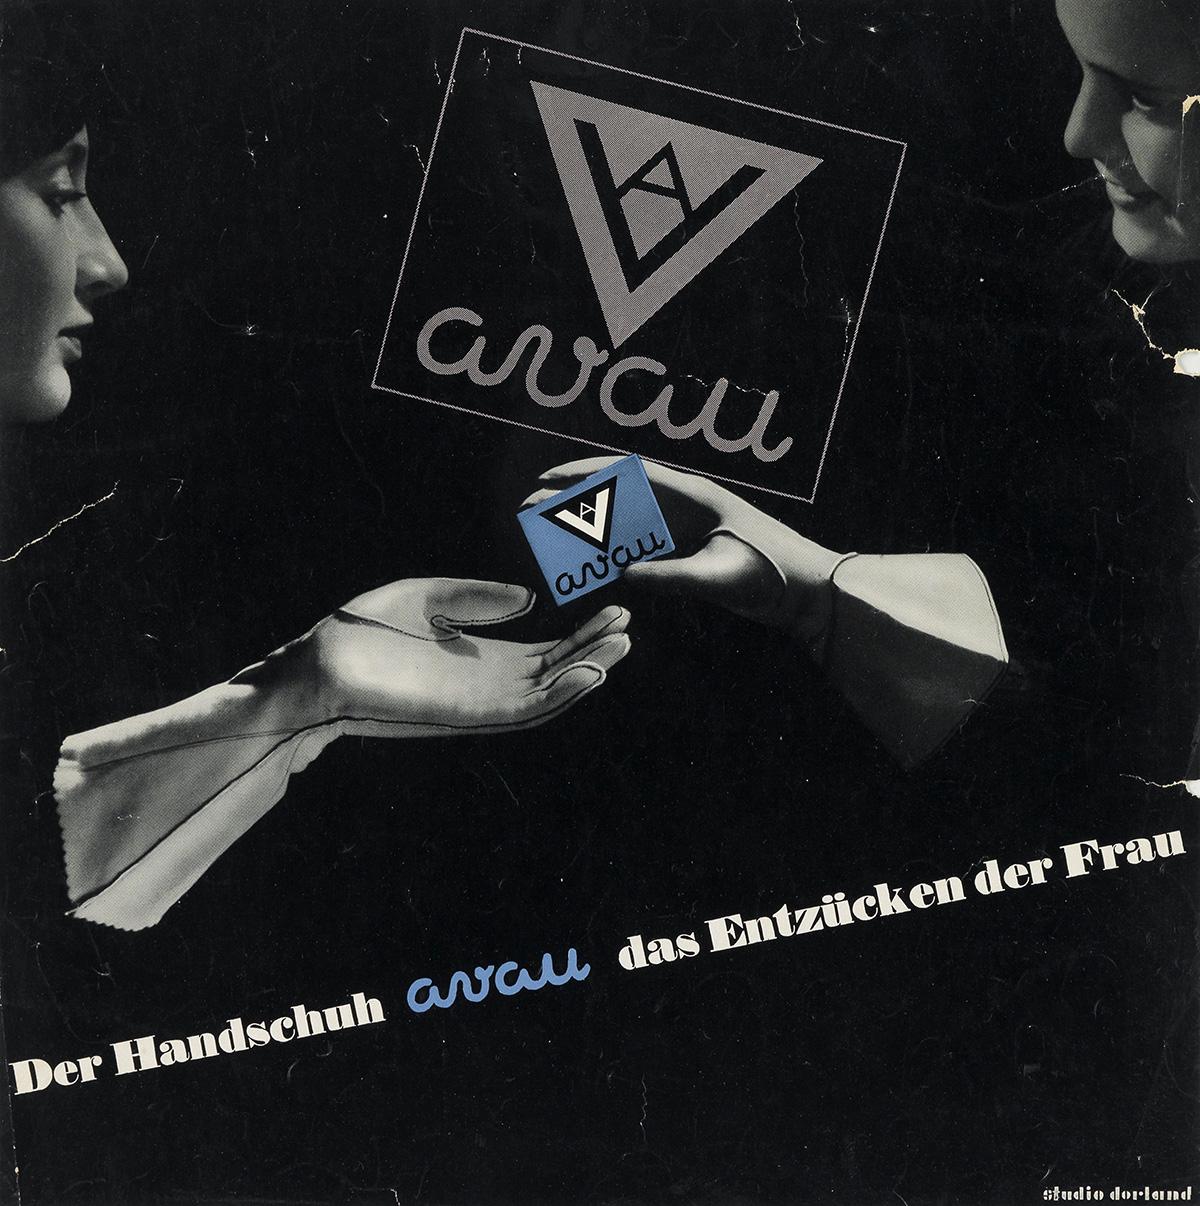 HERBERT-BAYER-(1900-1985)-DER-HANDSCHUH-AVAU-DAS-ENTZÜCKEN-D